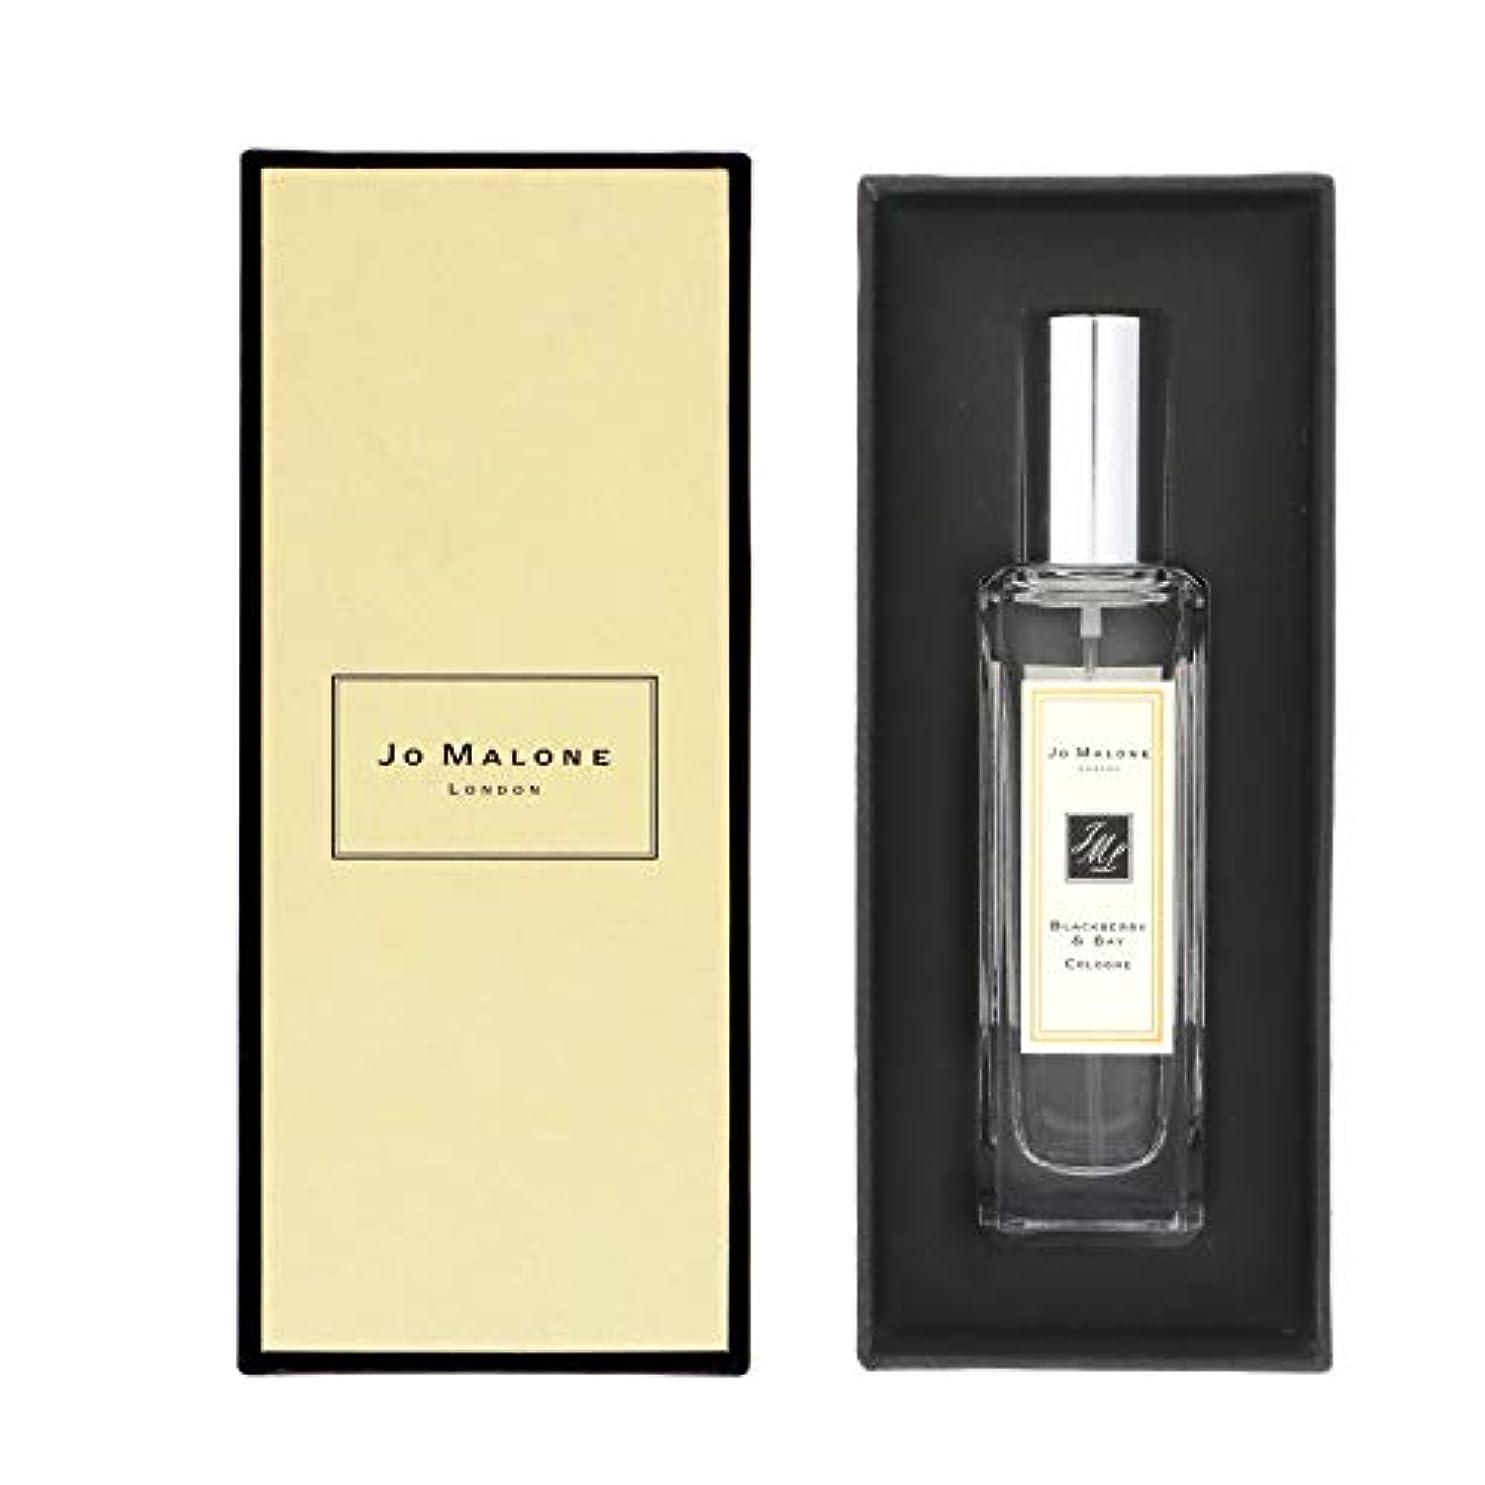 手つかずの亜熱帯ポスト印象派JO MALONE LONDON(ジョー マローン ロンドン) ジョー マローン ブラックベリー&ベイ オーデコロン 30mL(並行輸入品)